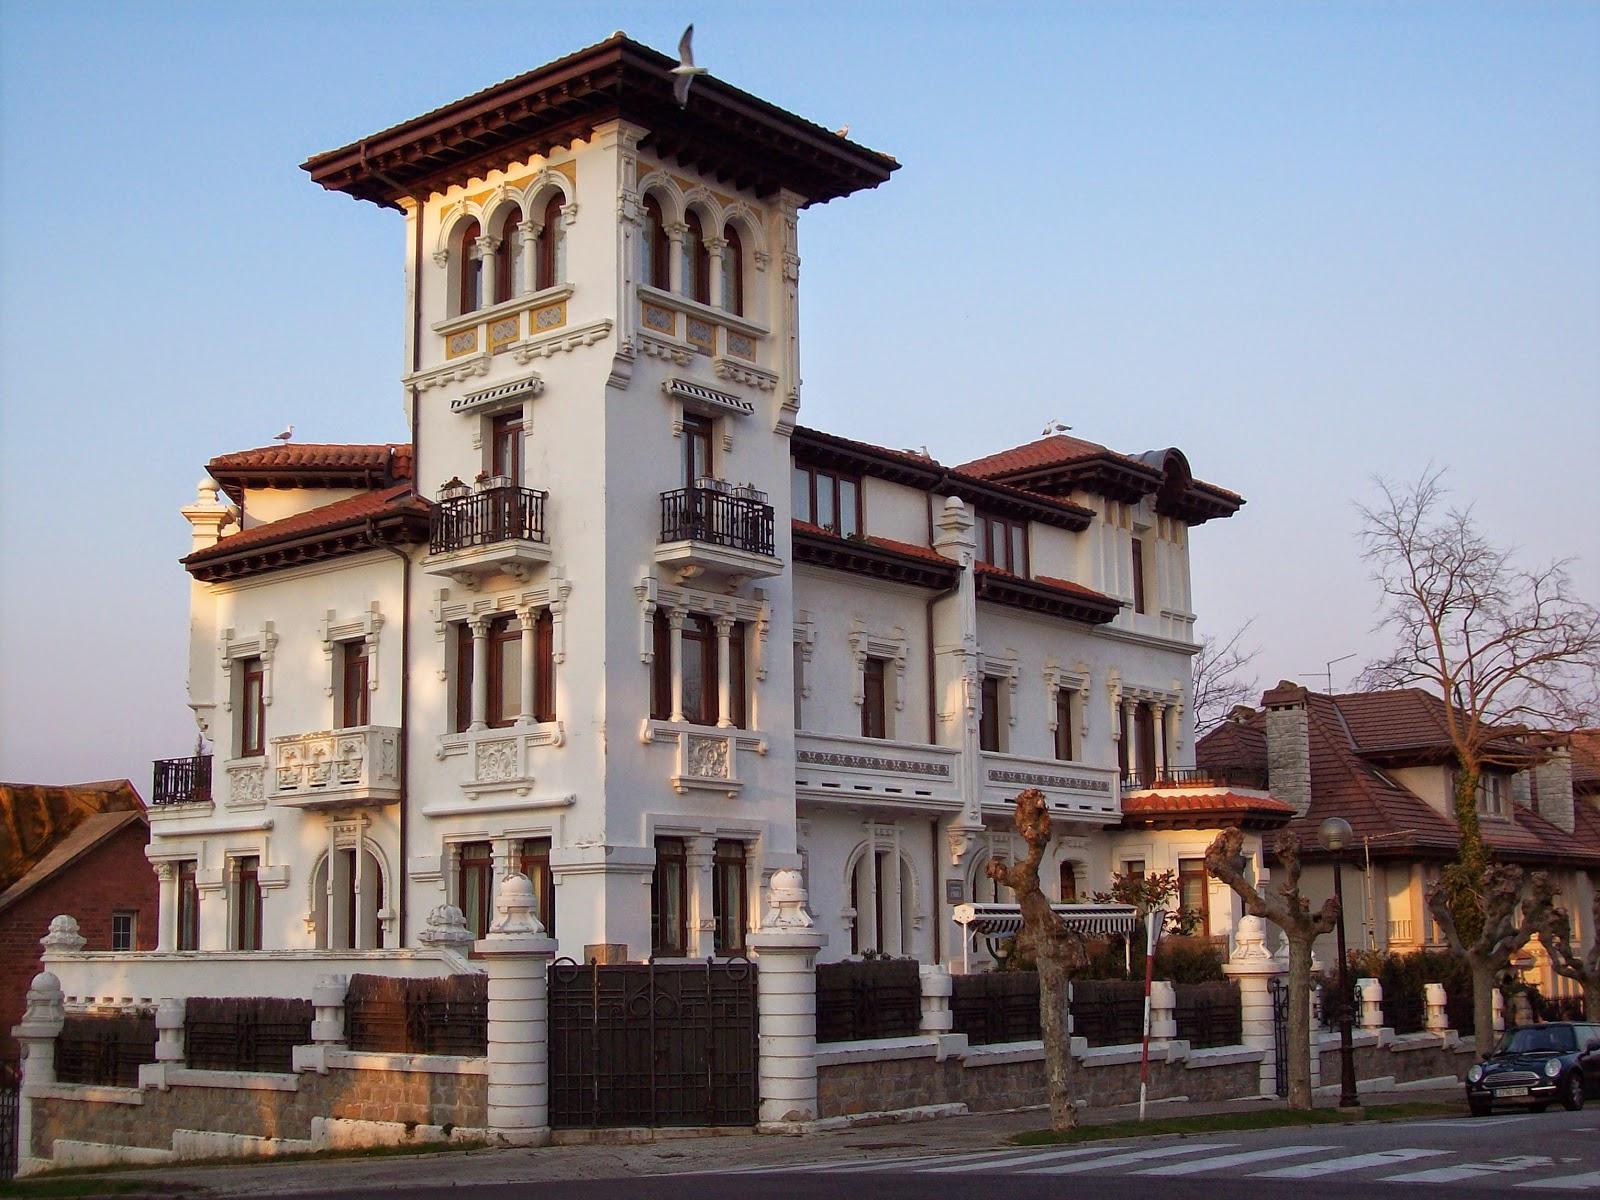 Escenas de santander casas singulares iii - Casas singulares madrid ...